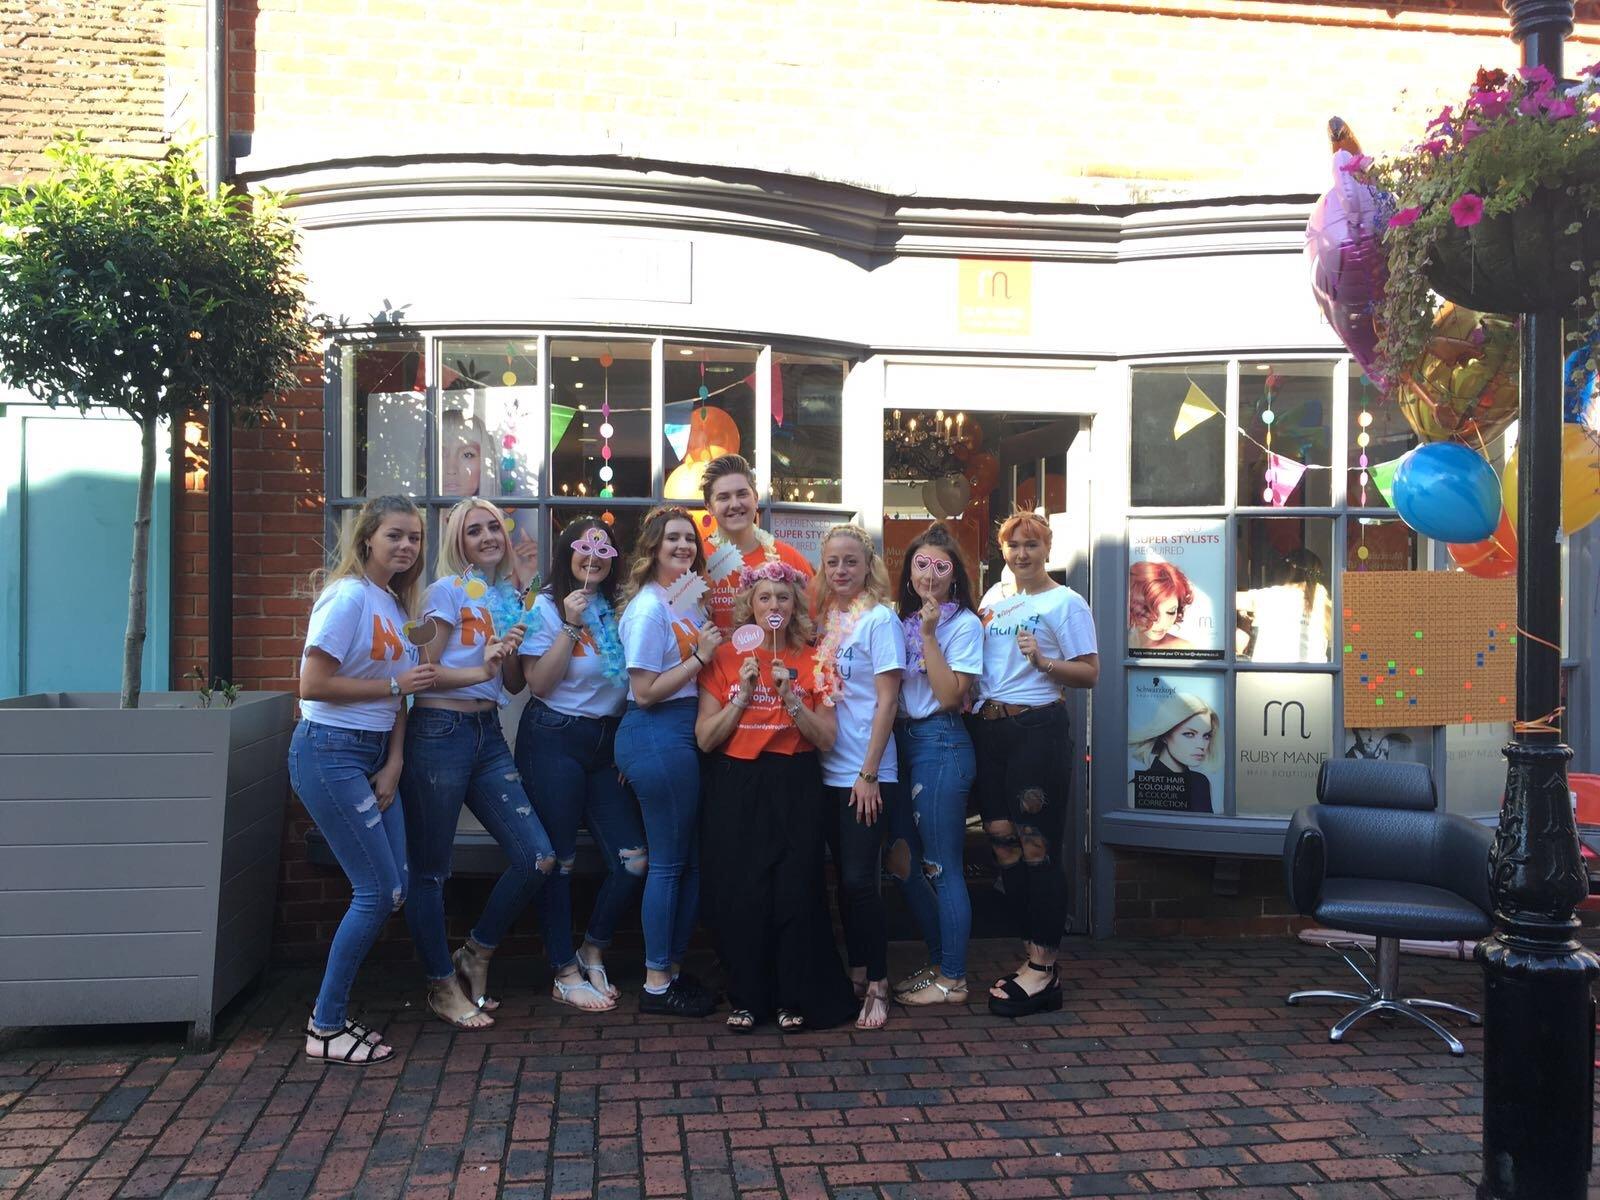 Ruby Mane Hair Salon team in Farnham